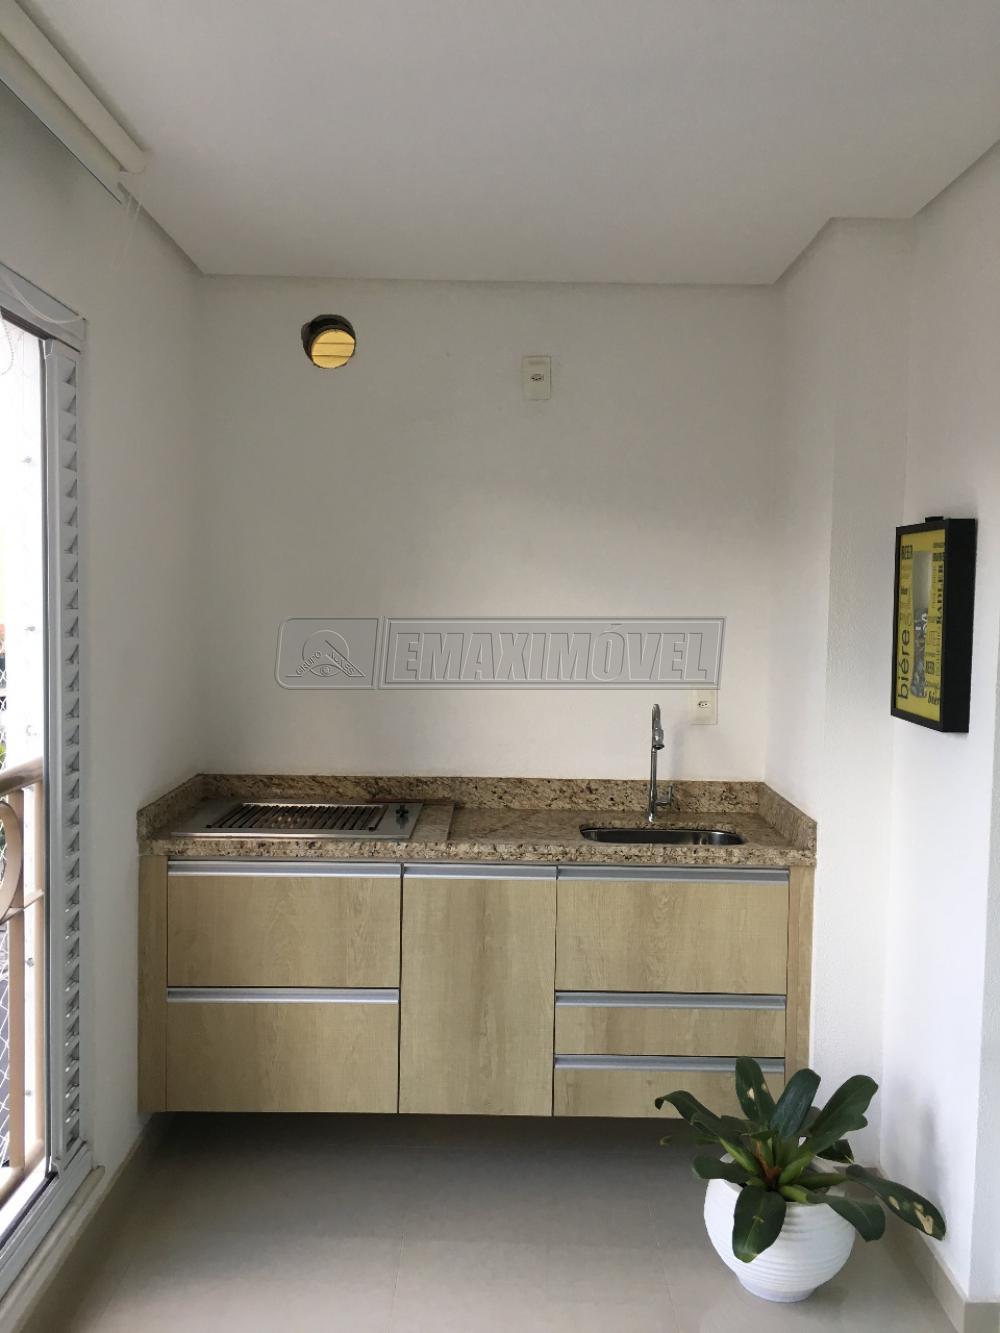 Comprar Apartamentos / Apto Padrão em Sorocaba apenas R$ 580.000,00 - Foto 24